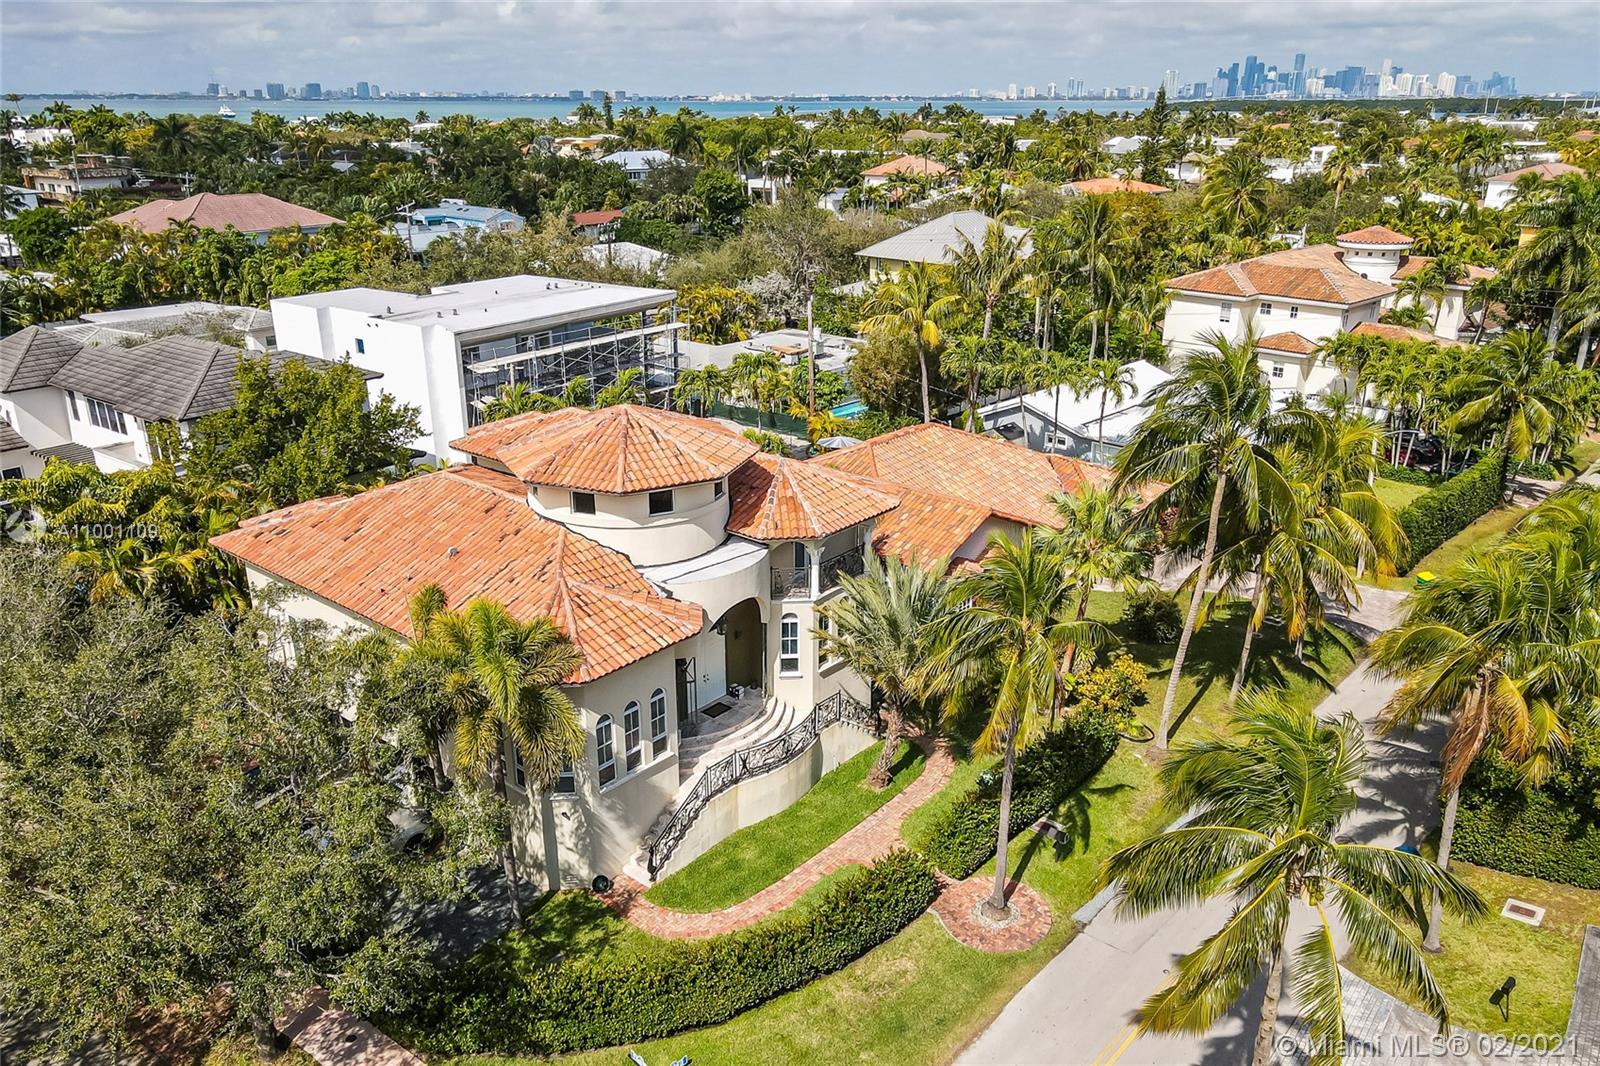 Tropical Isle Homes - 570 Hampton Ln, Key Biscayne, FL 33149